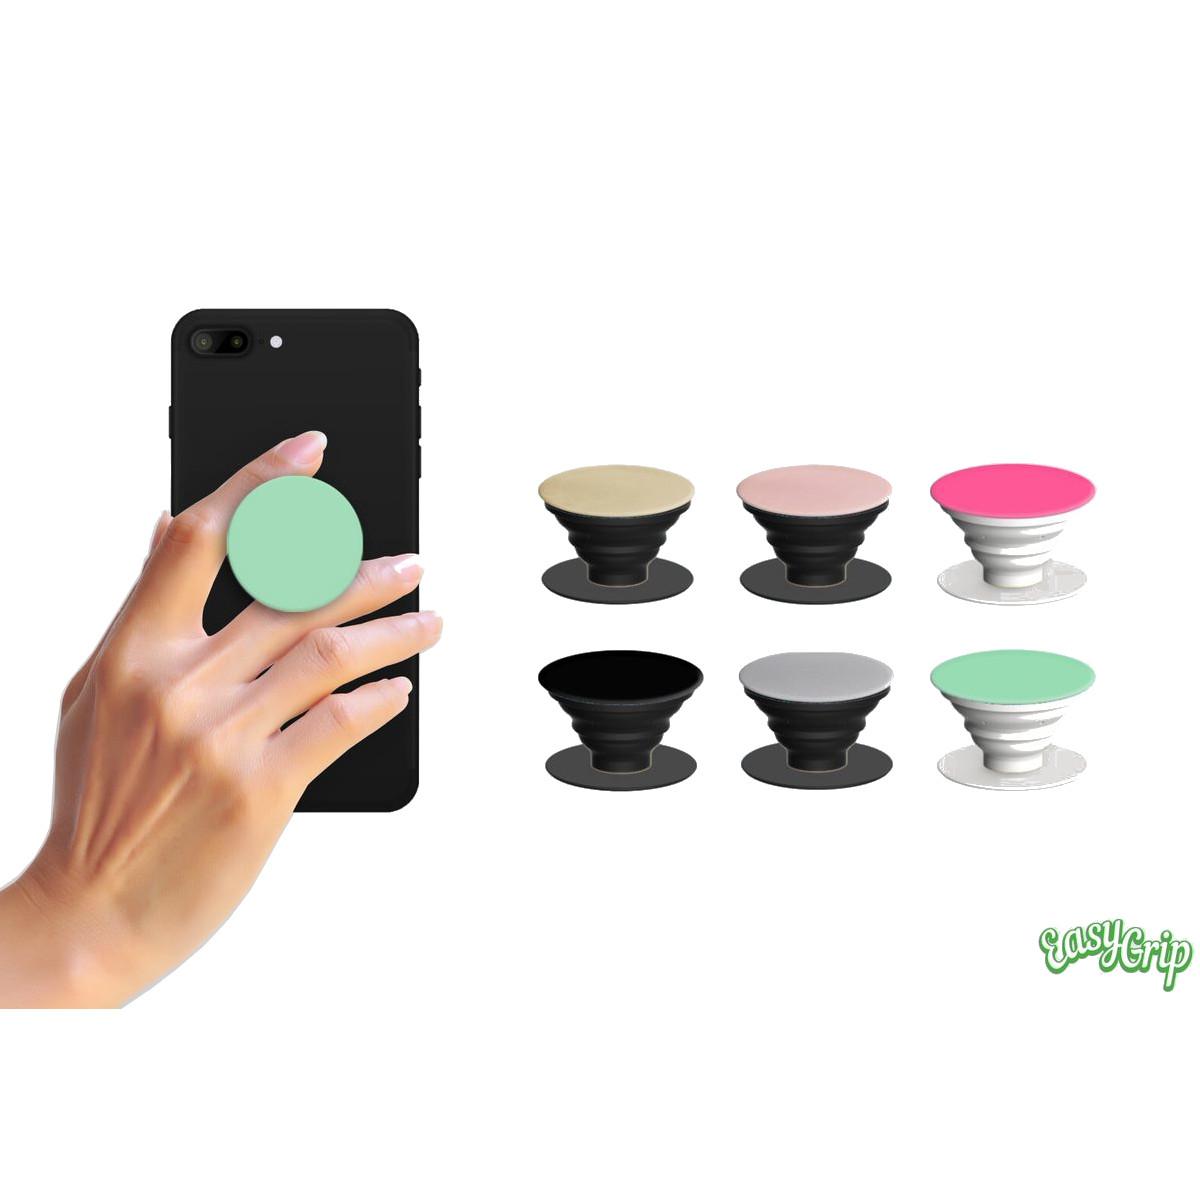 Suporte para celular Easy Grip de dedo